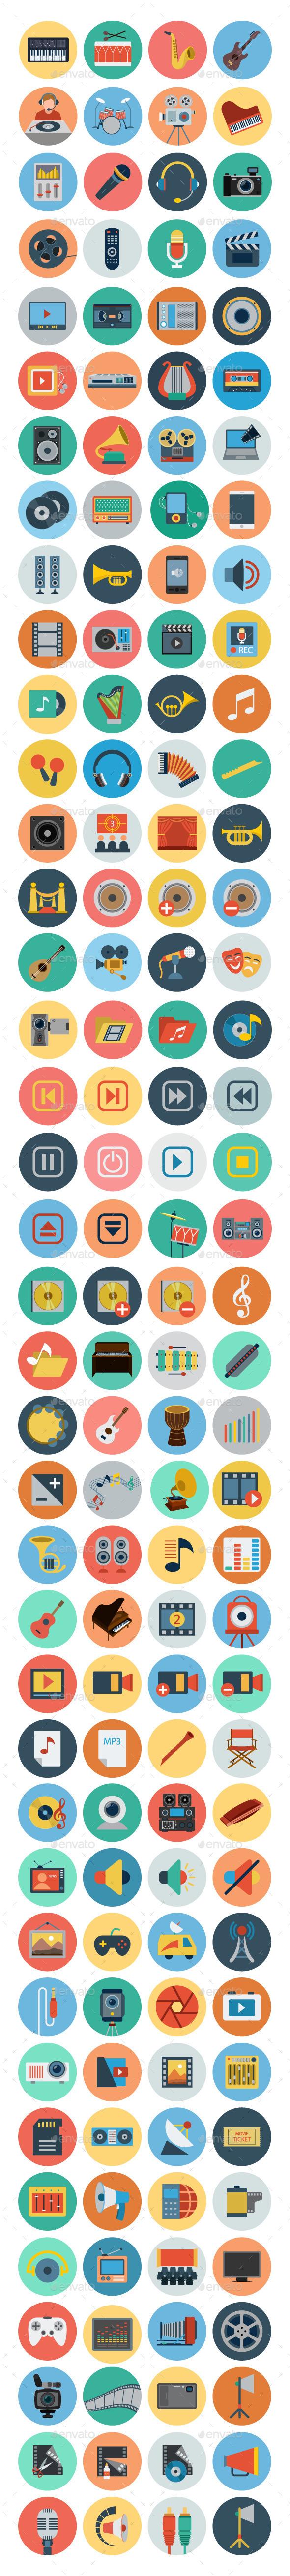 150+ Multimedia Flat Icons - Media Icons